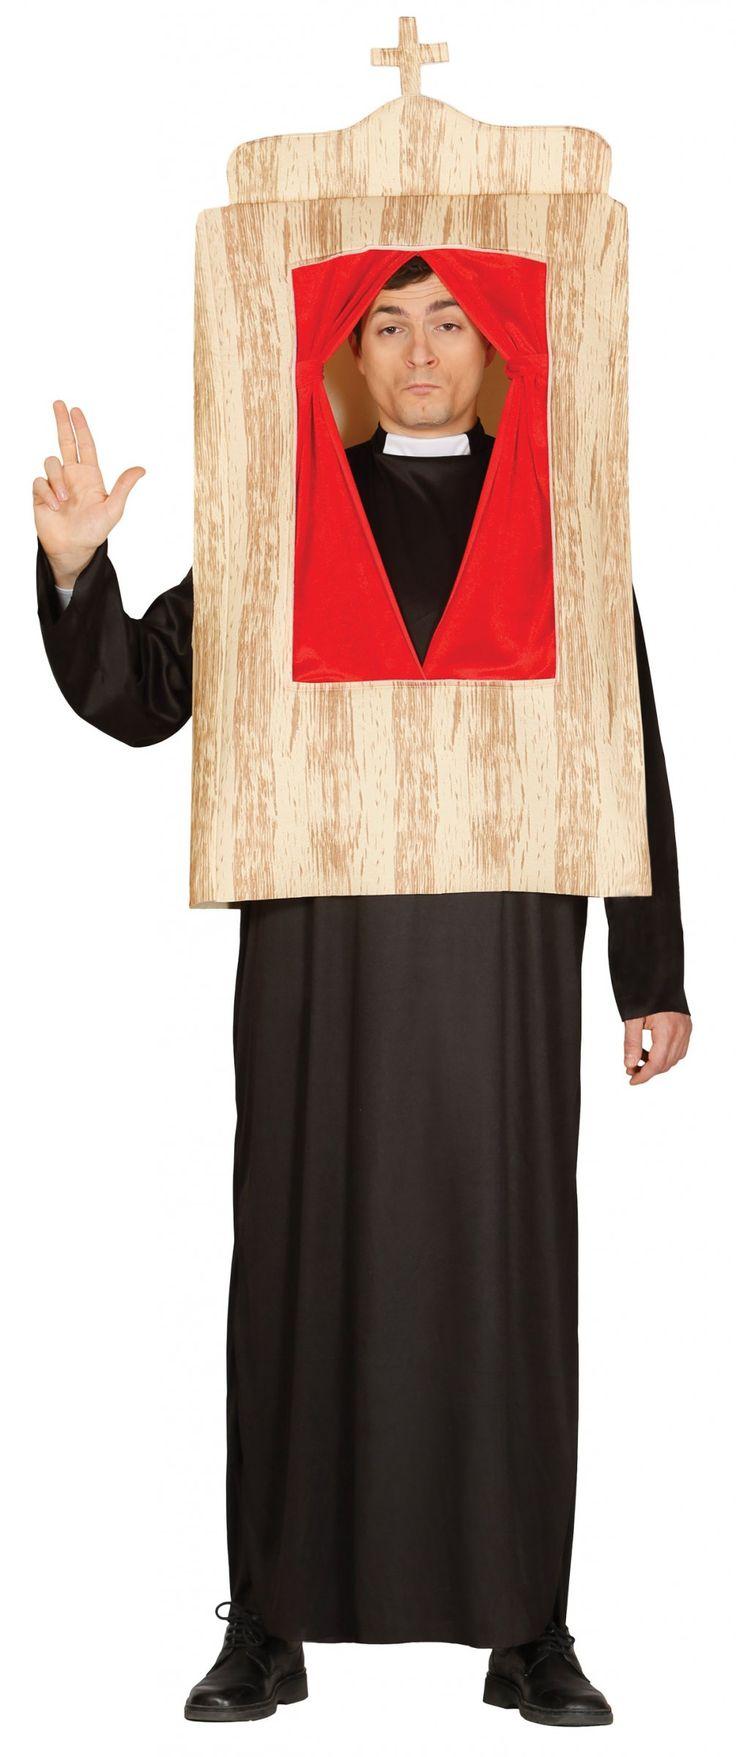 Beichtstuhl Kostüm für Erwachsene: Dieses Beichtstuhl-Kostüm ist für Erwachsene geeignet. Es besteht aus einer schwarzen, langen Priester-Robe und einer Beichtstuhl-Attrappe aus Schaumstoff .Verwandeln Sie sich zum...